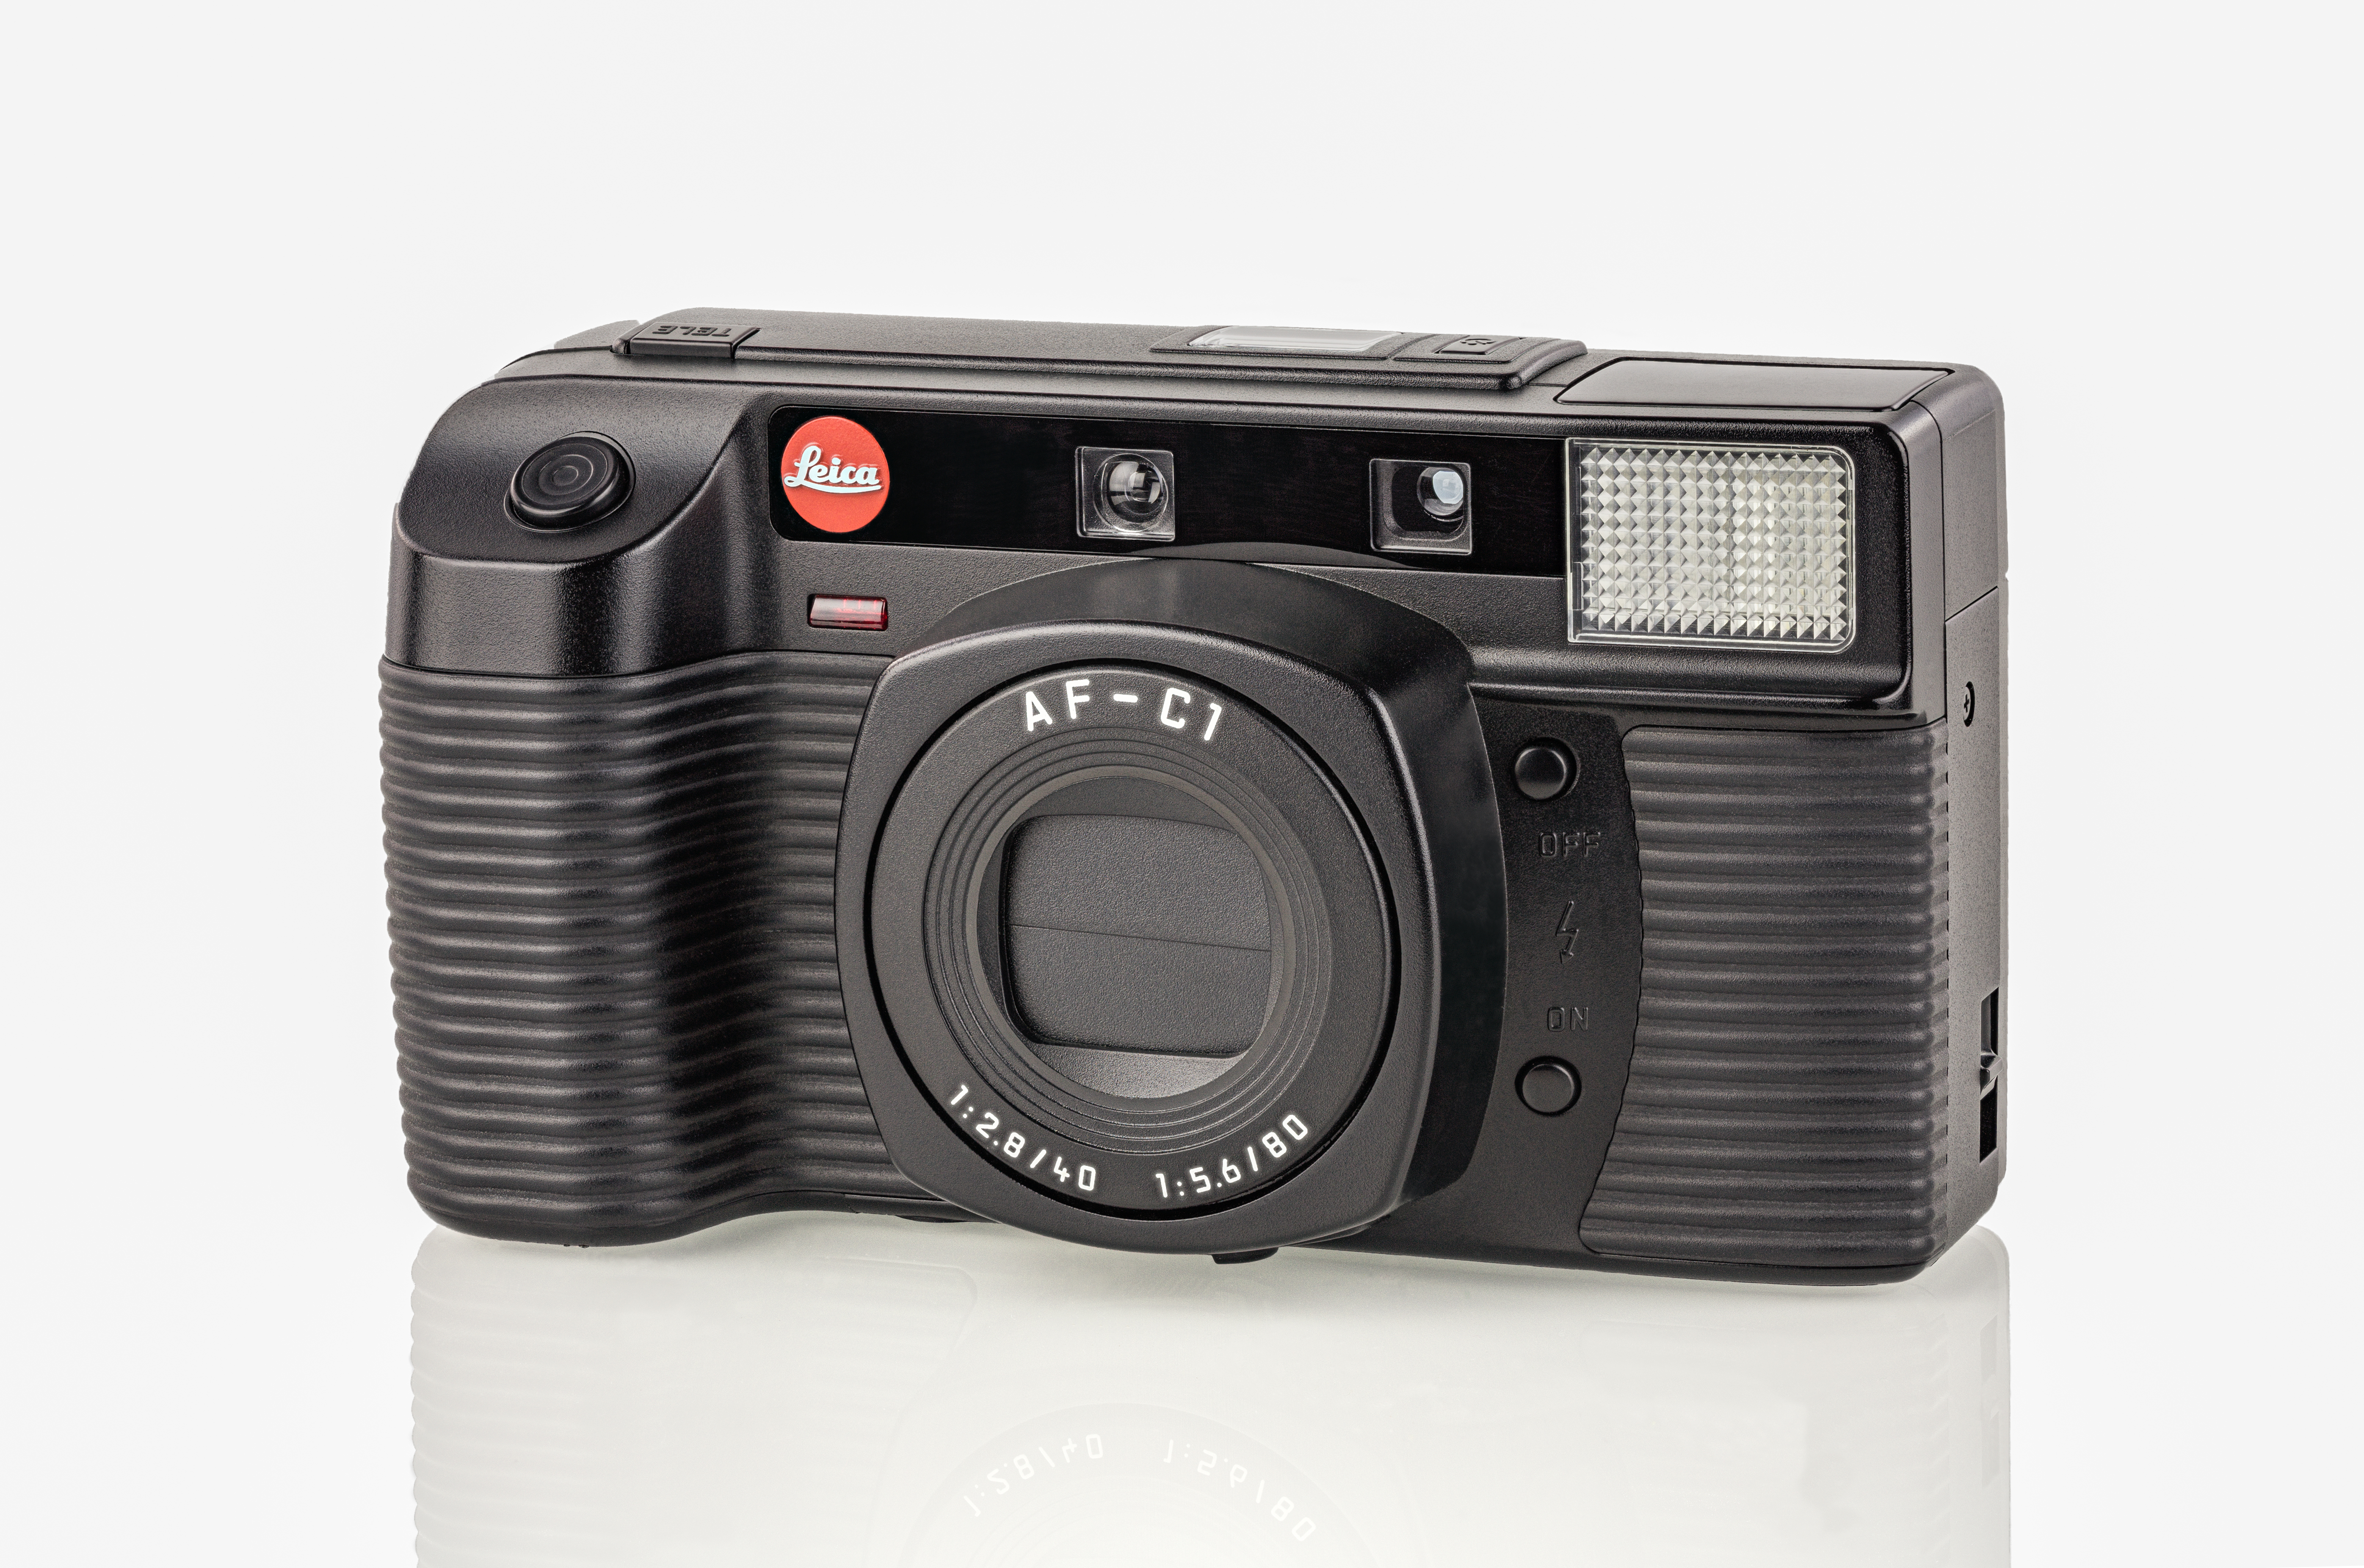 Leica camera u wikipedia